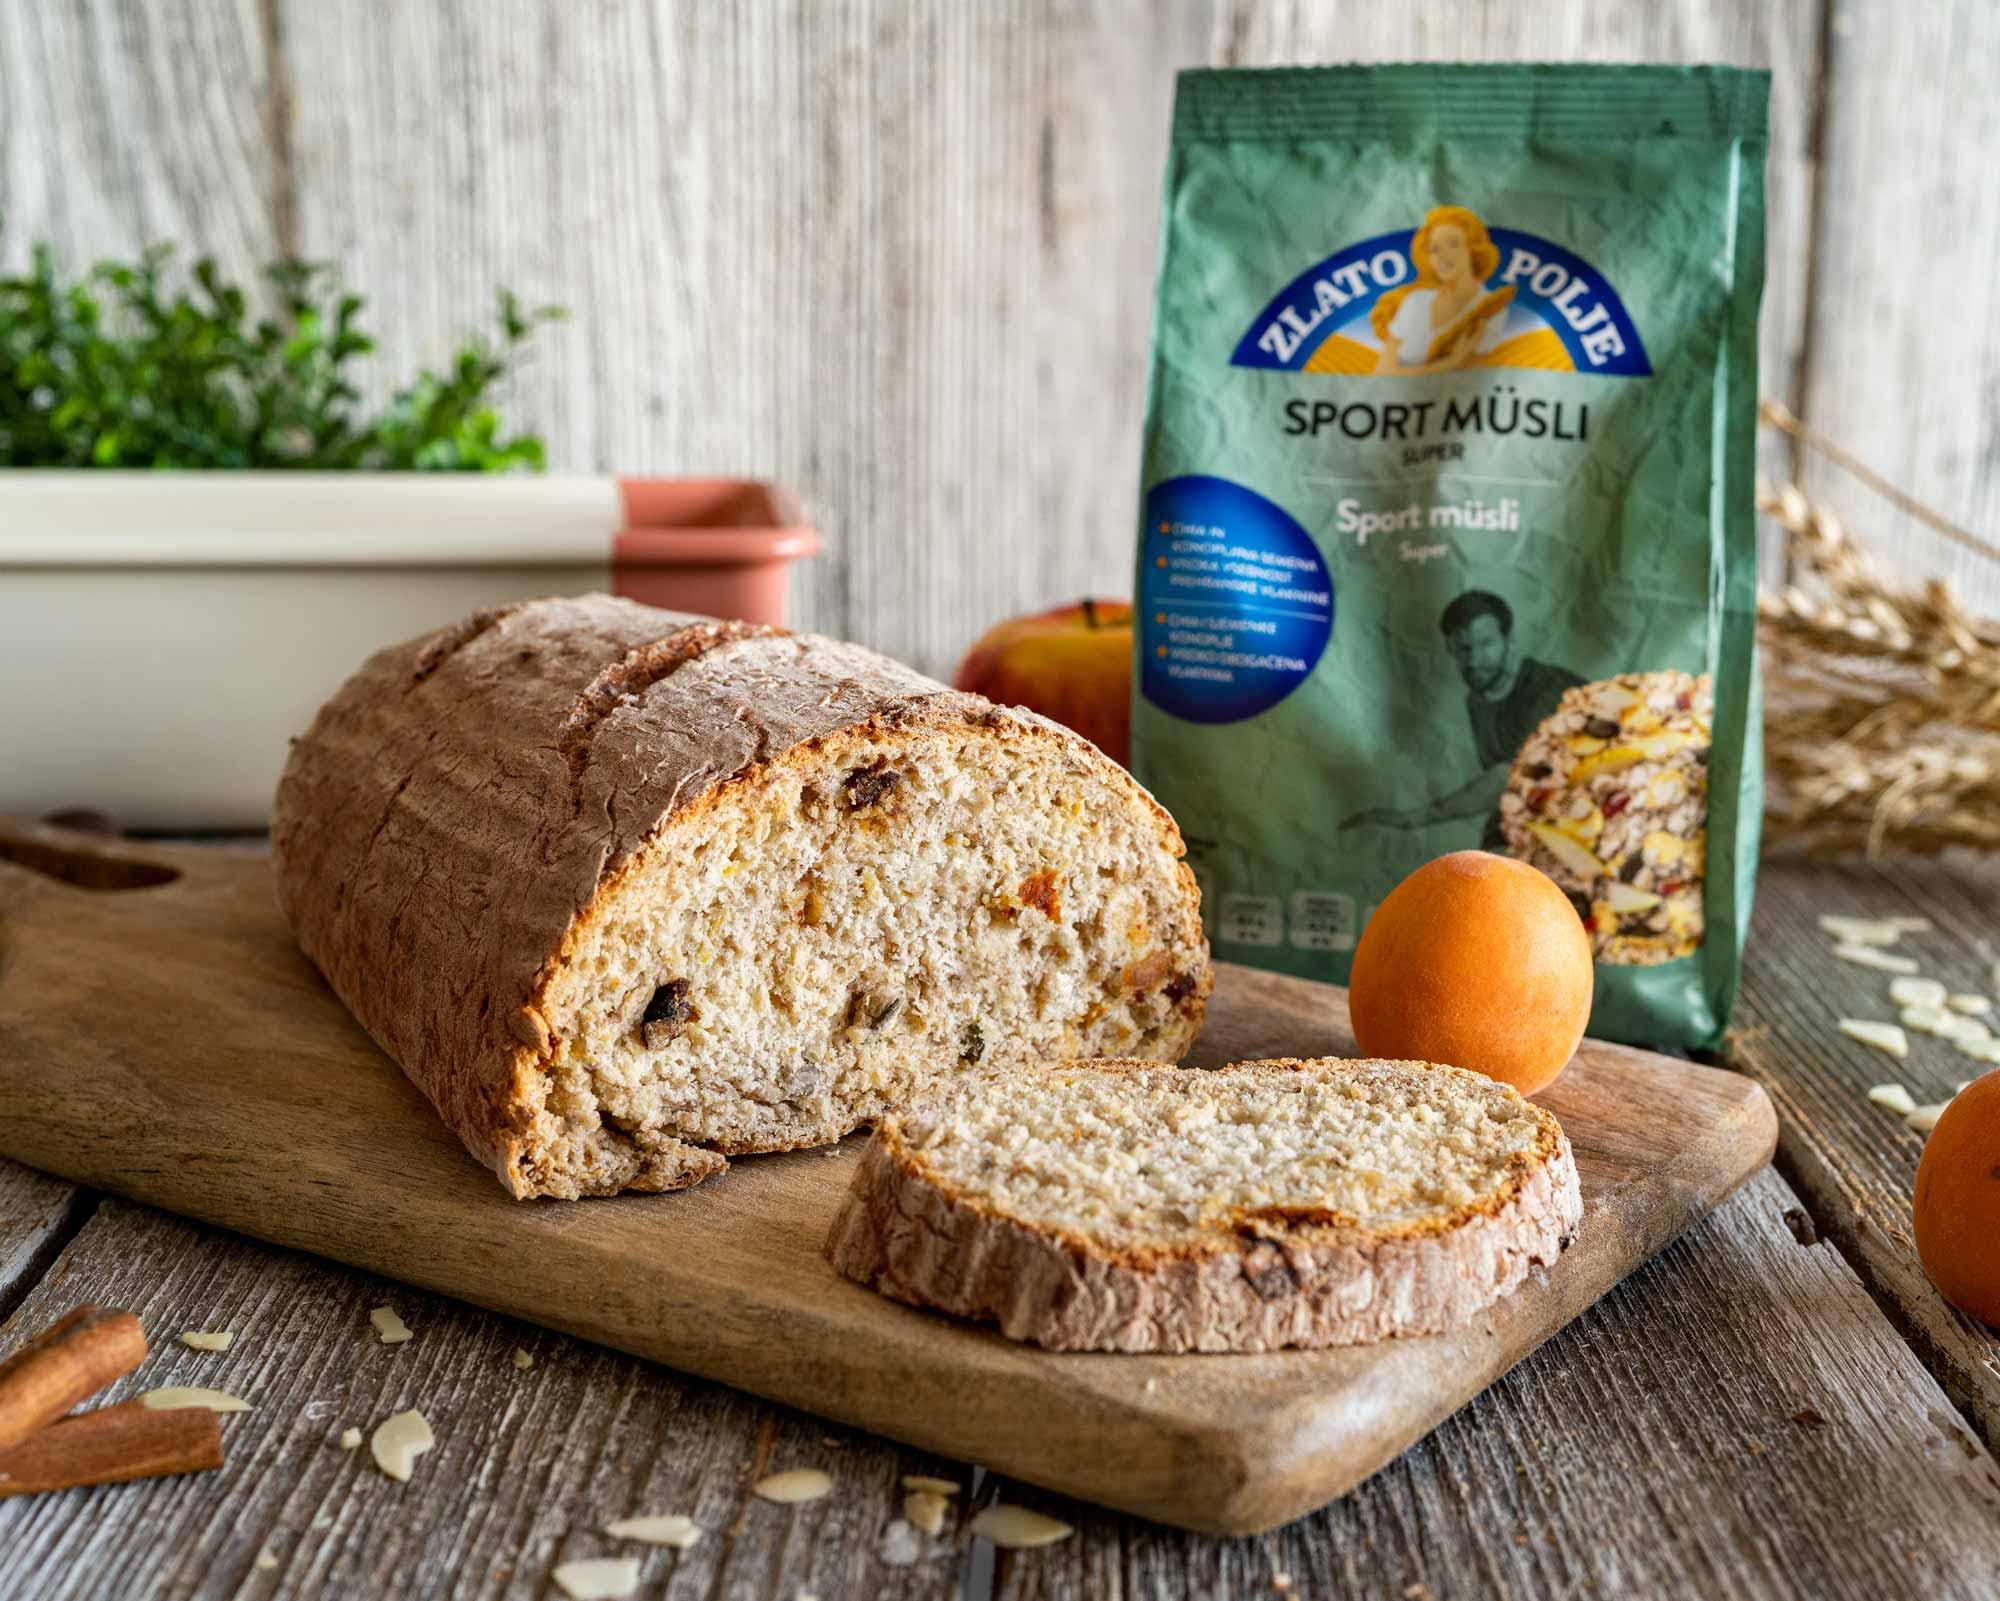 Kruh s Sport musliji